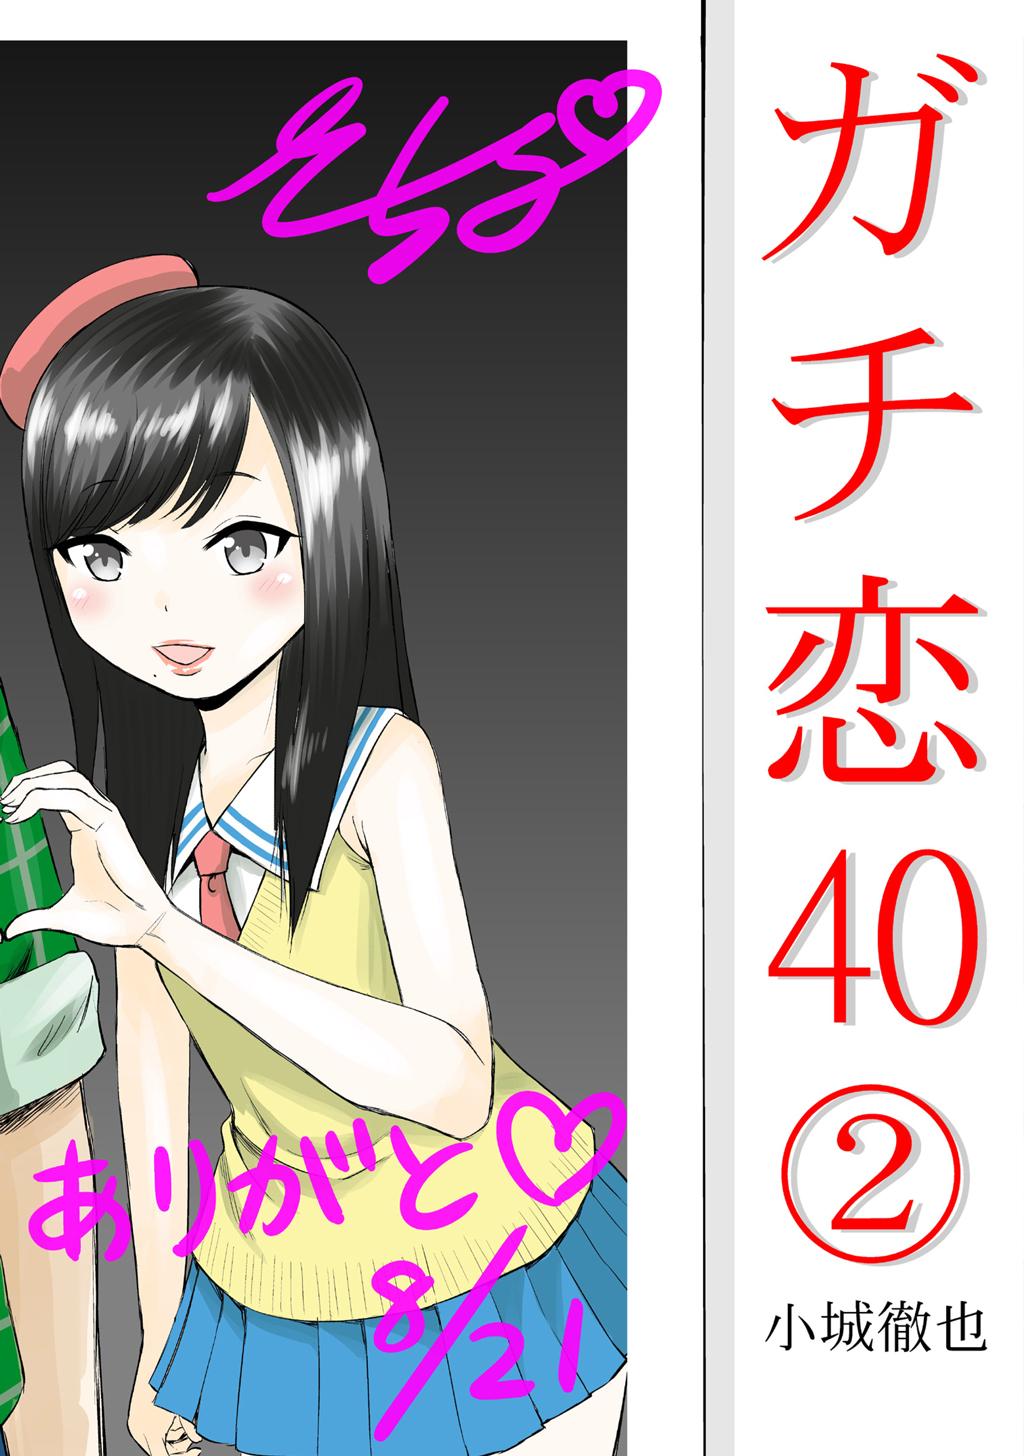 ガチ恋40(第2巻)